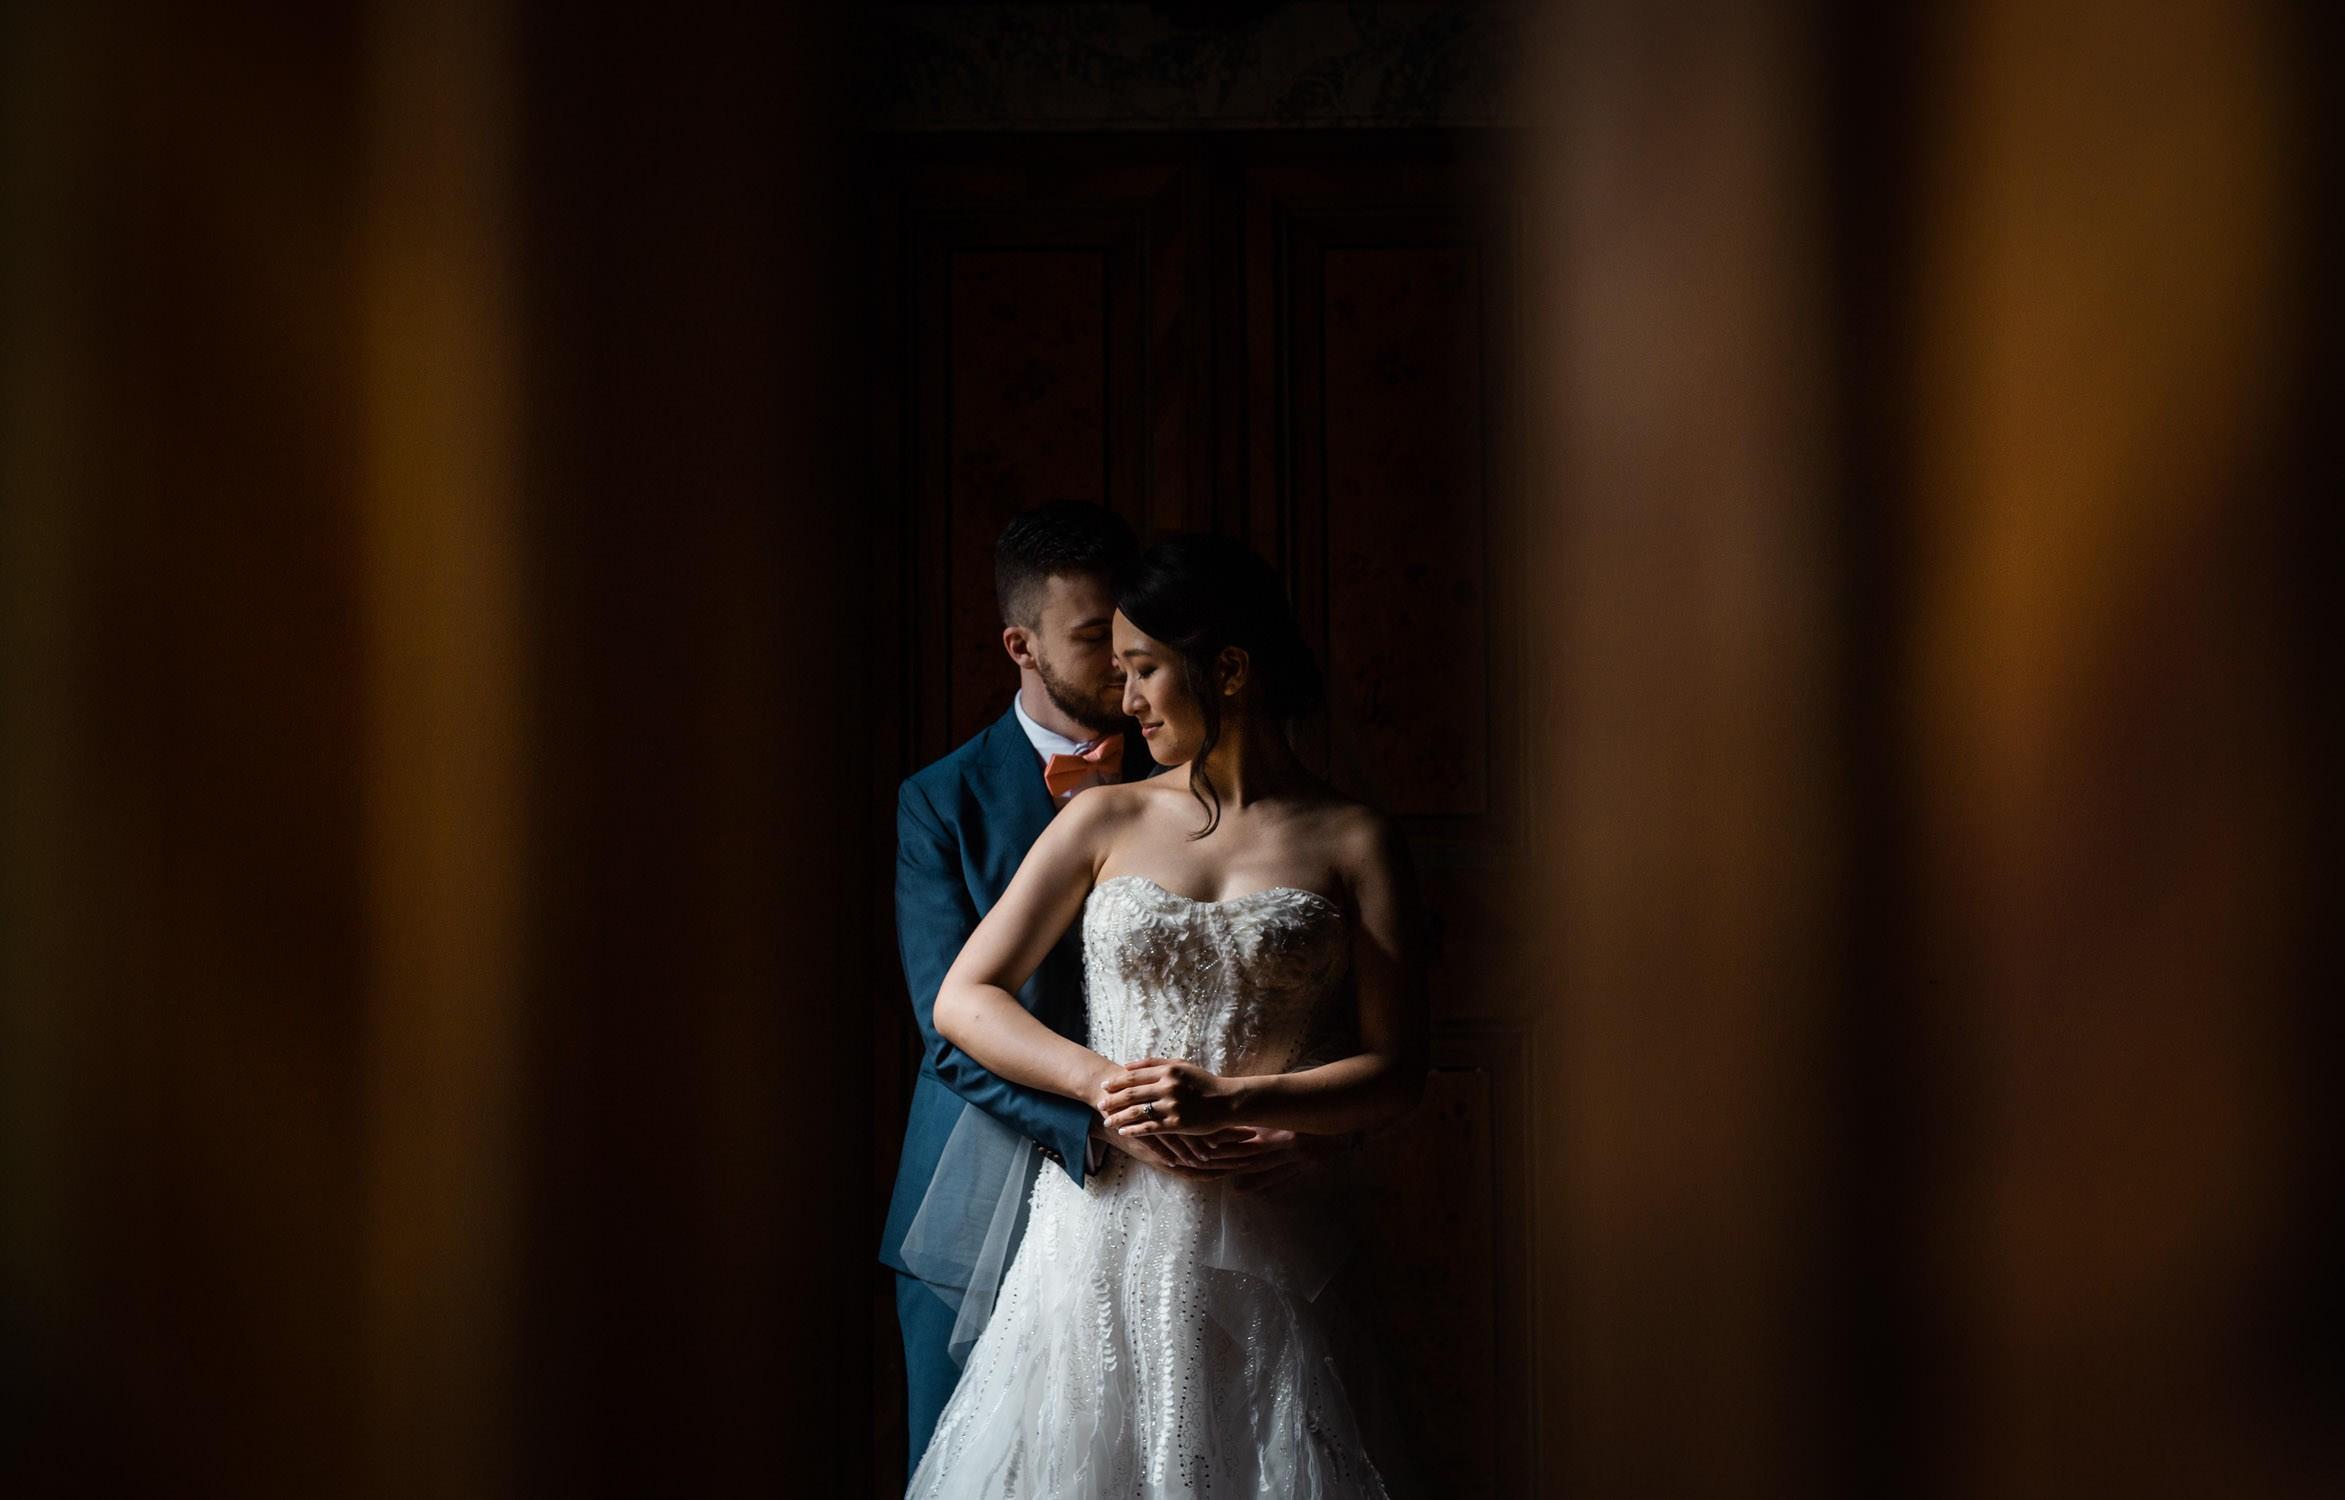 Krup studio Fotografo Video e Album di Matrimonio a San Benedetto del Tronto